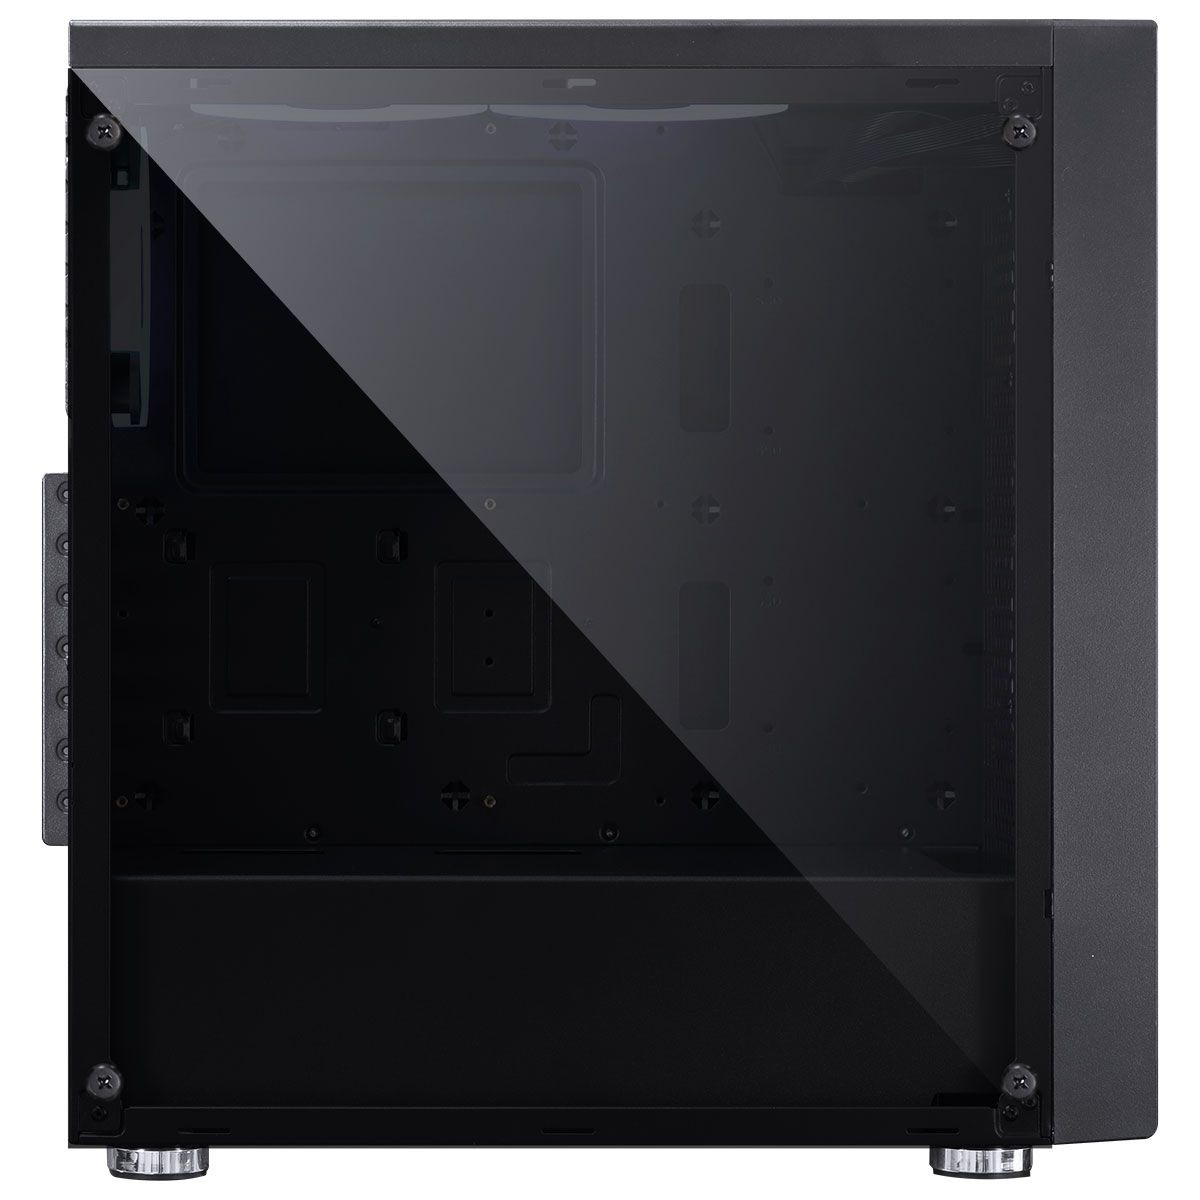 Gabinete Gamer PCyes Polaris, Mid Tower, Vidro Temperado, Black, PLPTRGB3FV, Sem Fonte, Com 3 Fans RGB